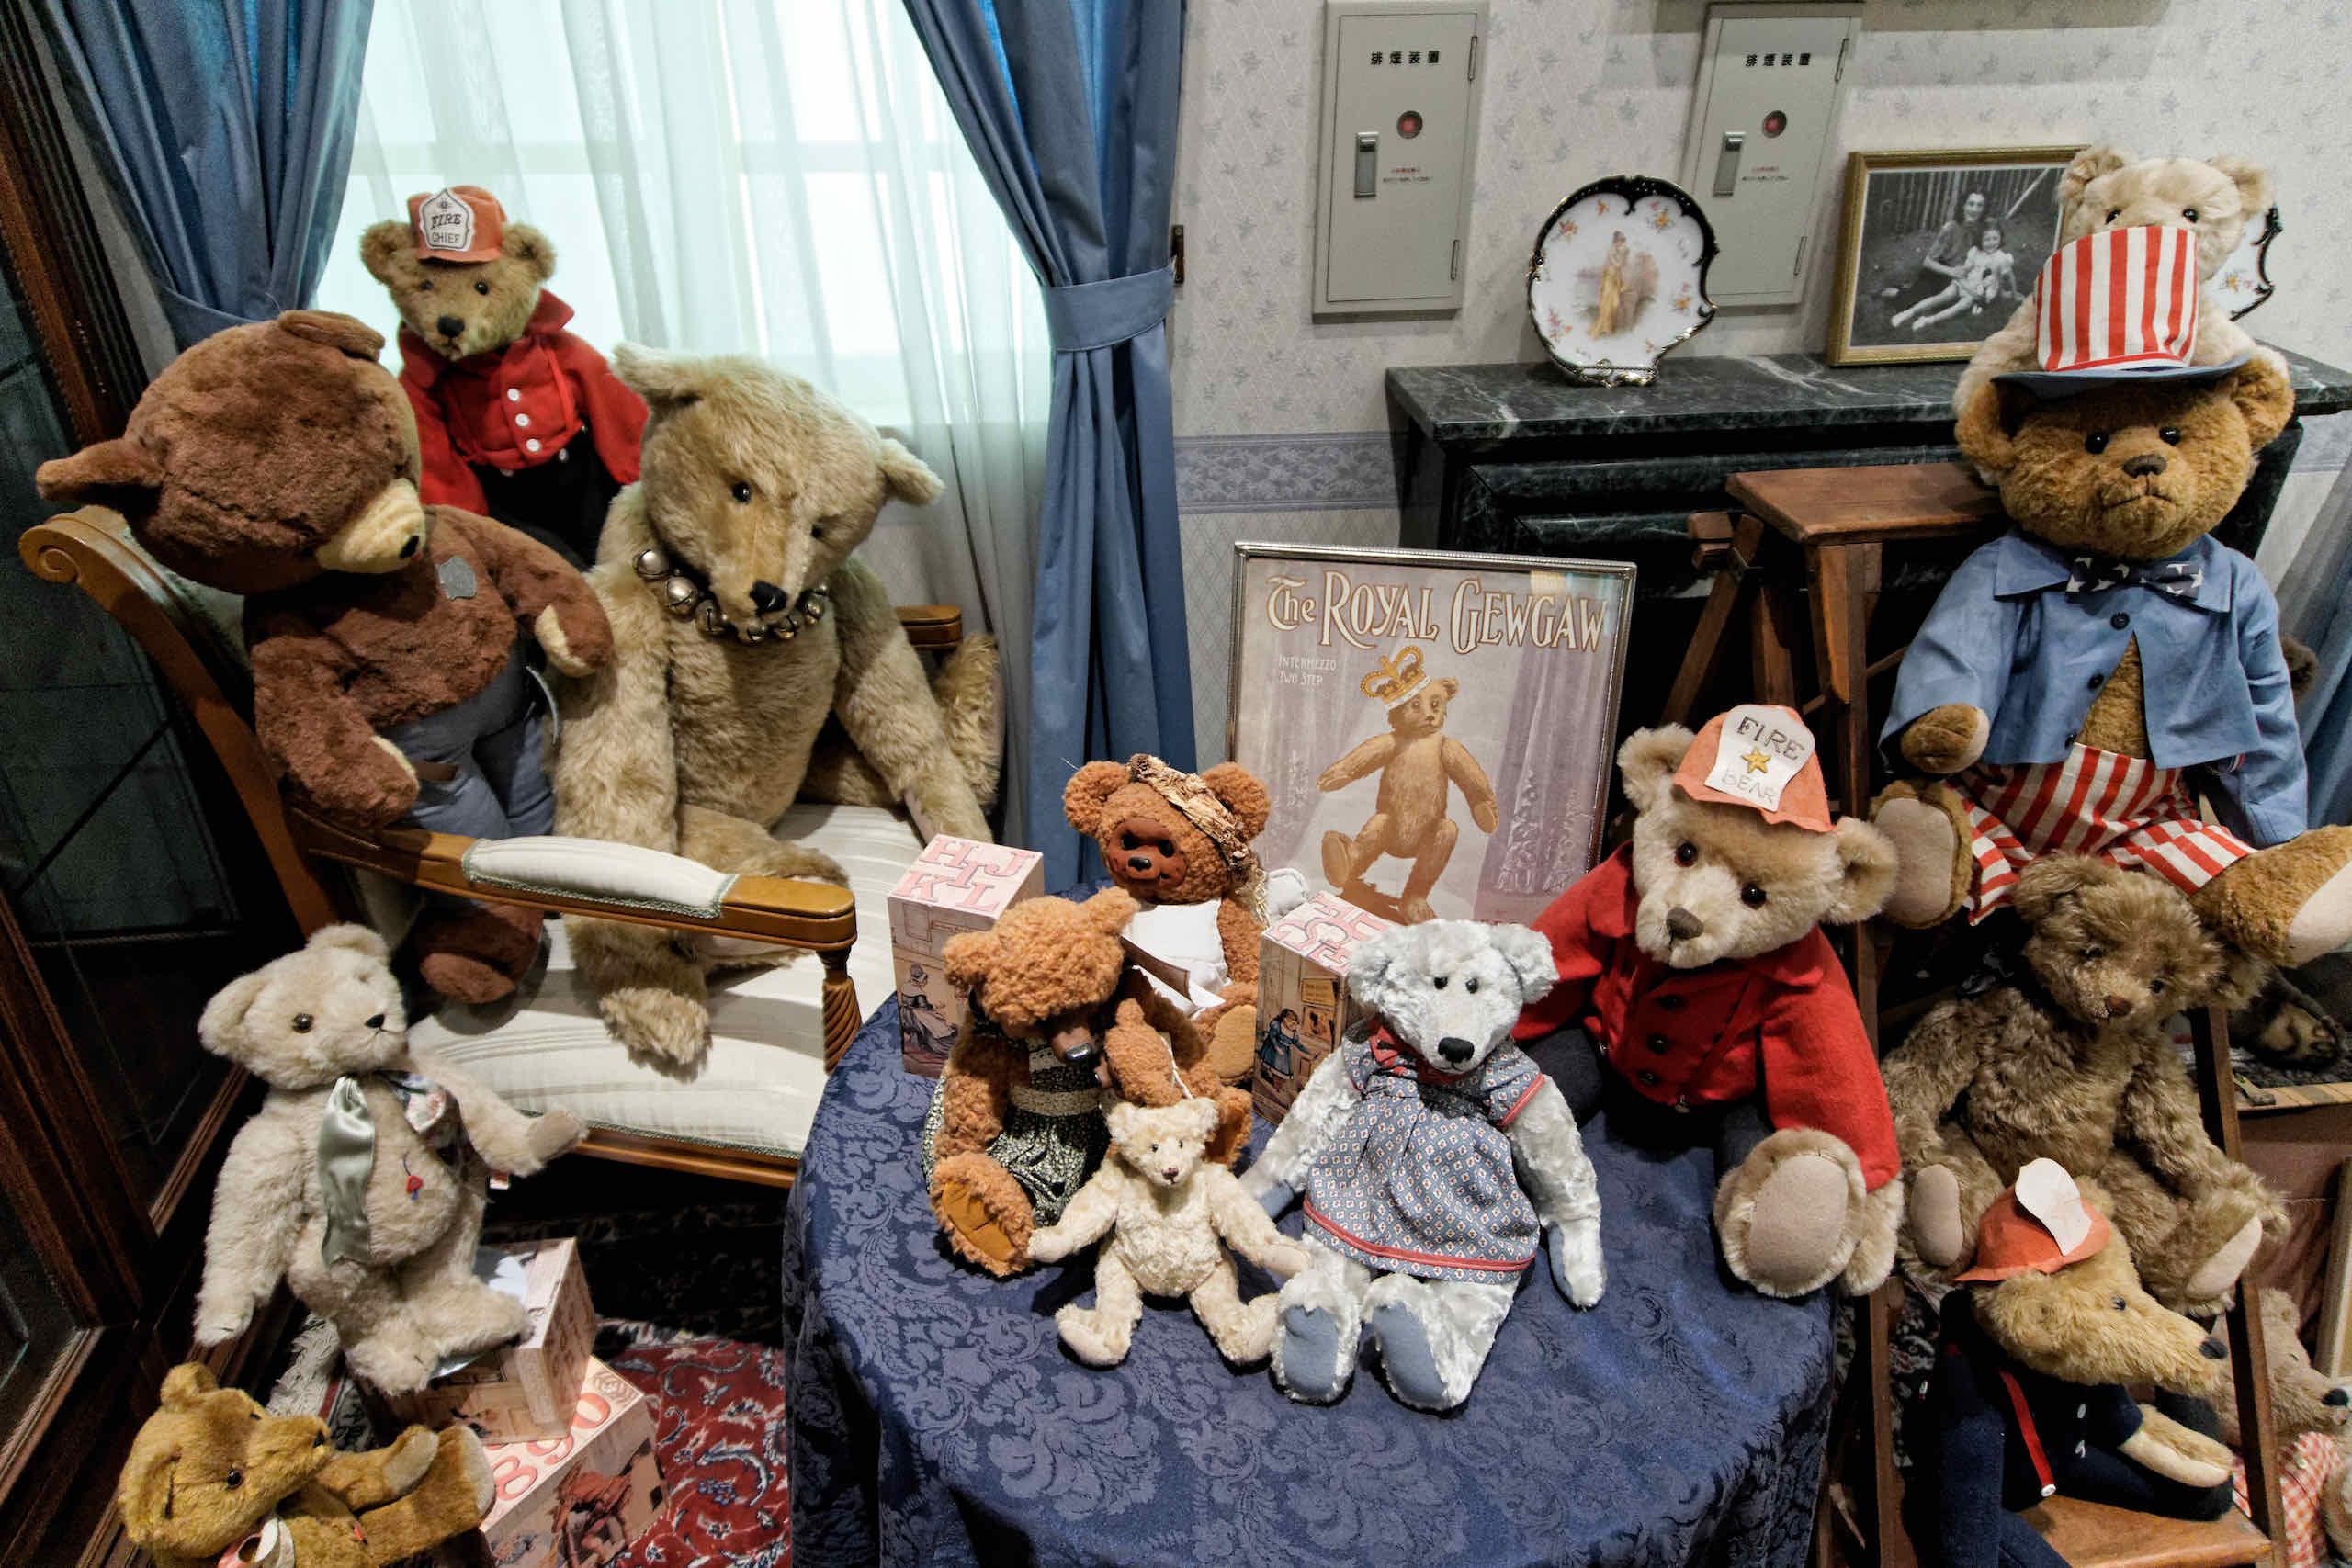 teddy bear kingdom